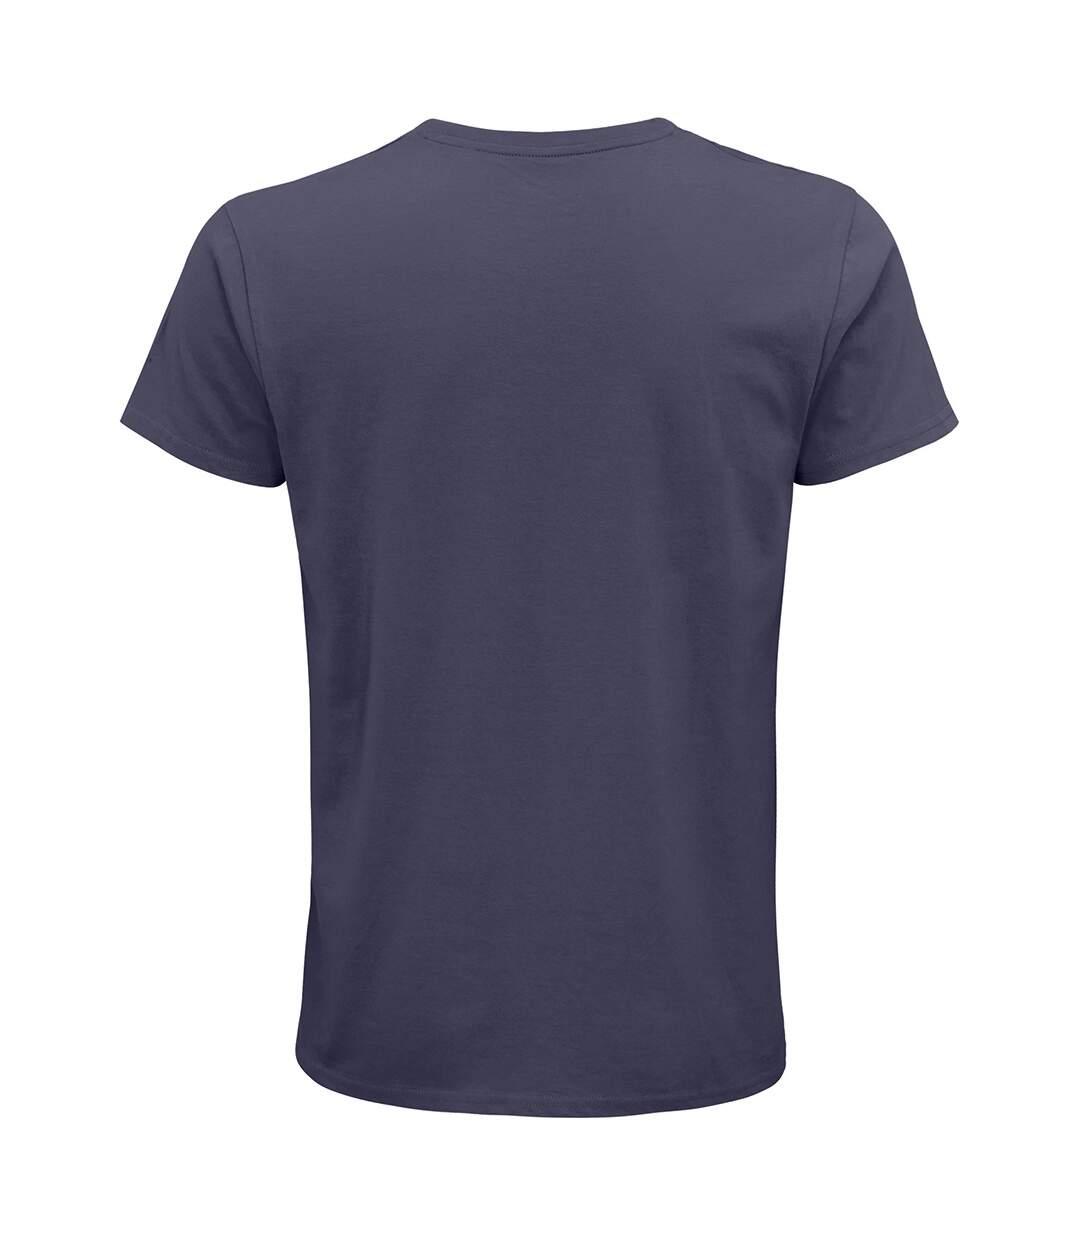 SOLS Mens Crusader Organic T-Shirt (Grey Mouse) - UTPC4316